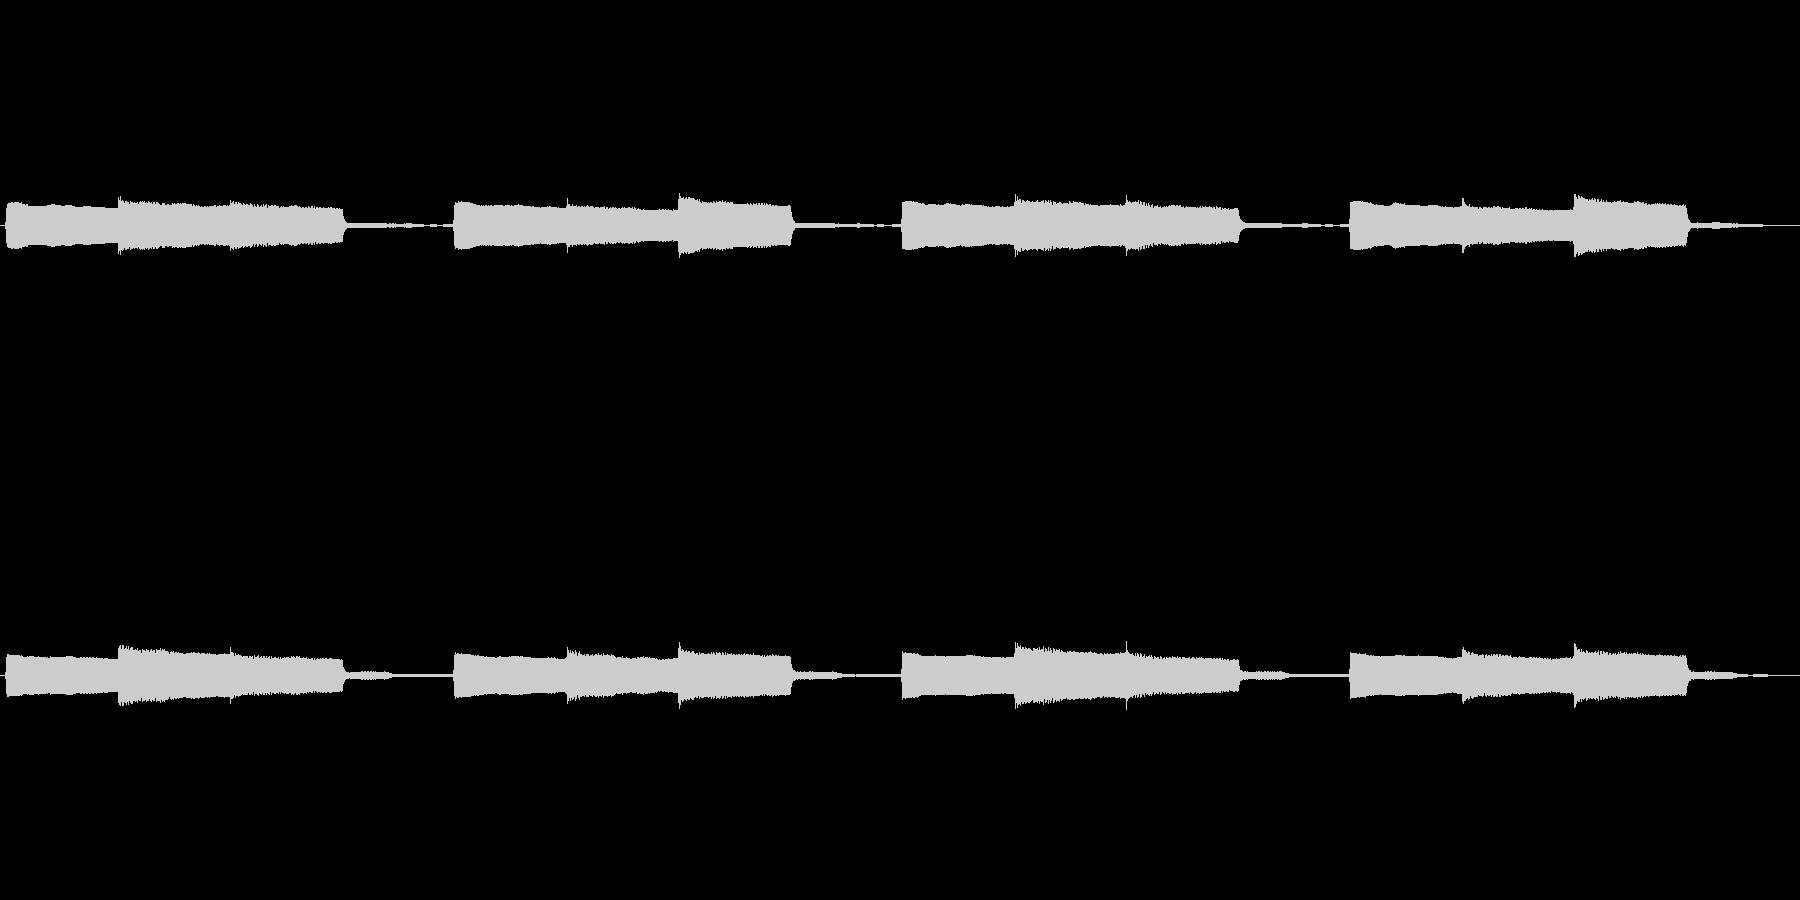 【アラーム02-2L】の未再生の波形